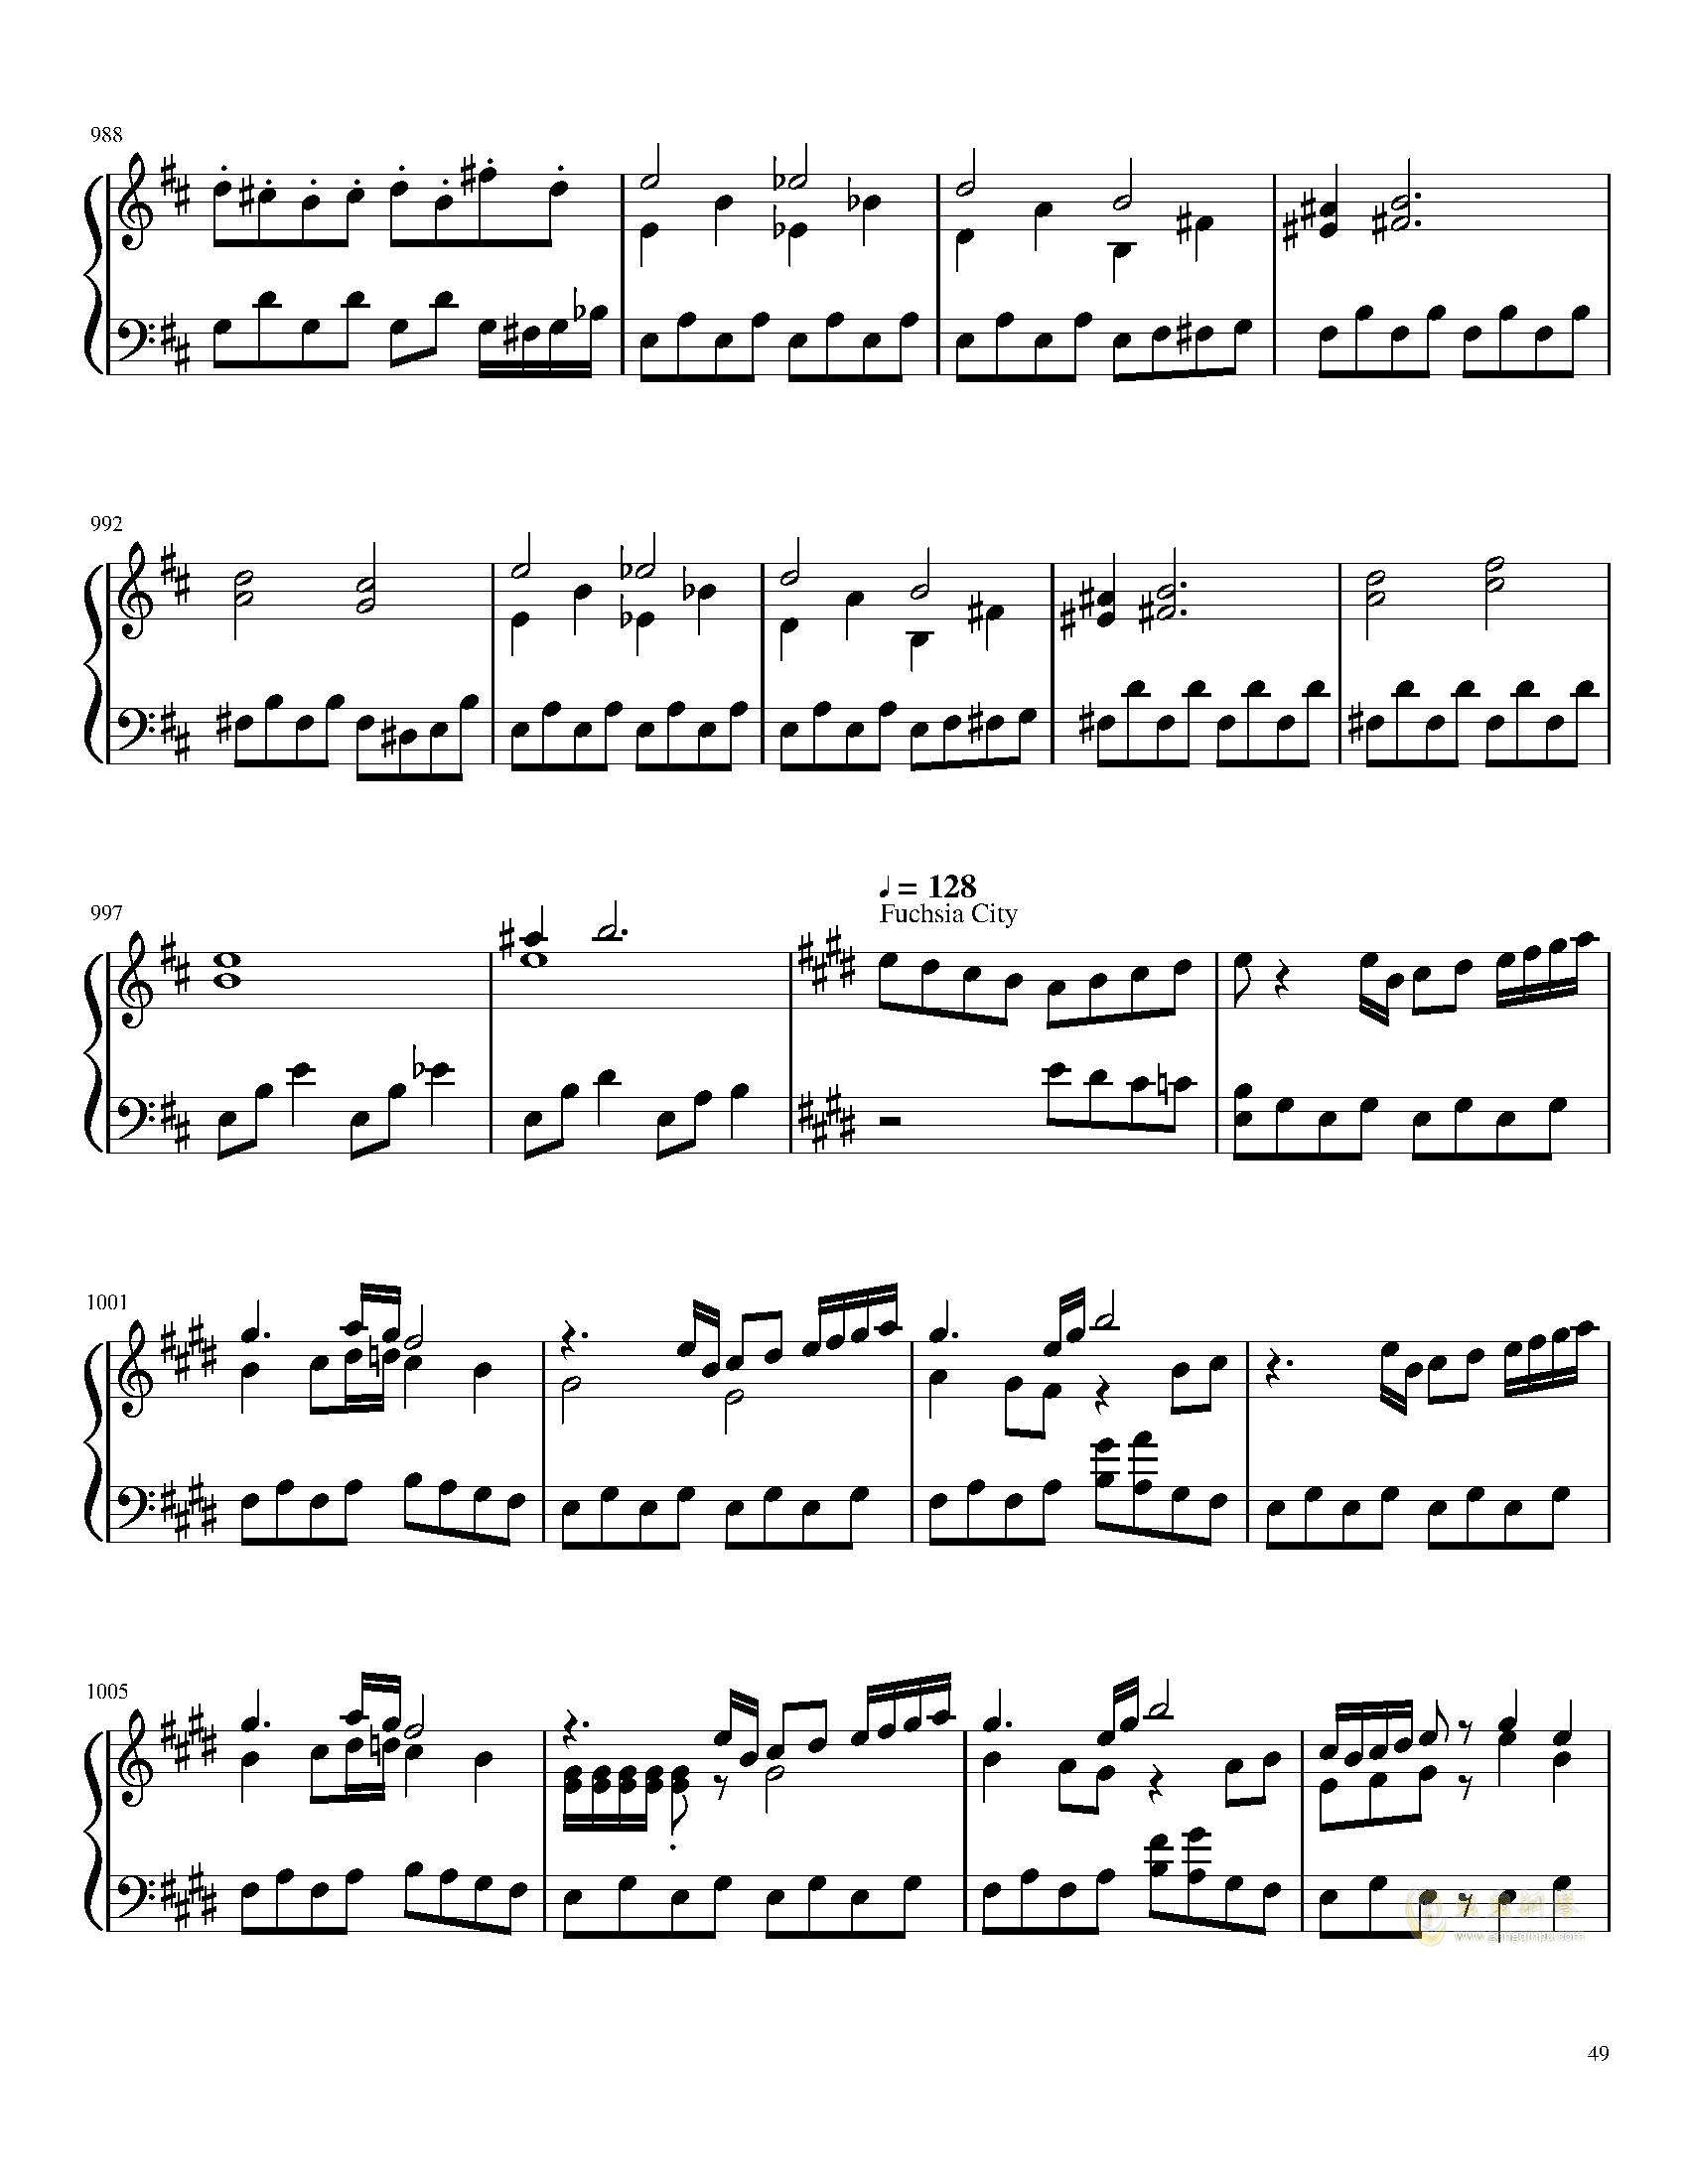 口袋妖怪初代全BGM串烧钢琴谱 第49页